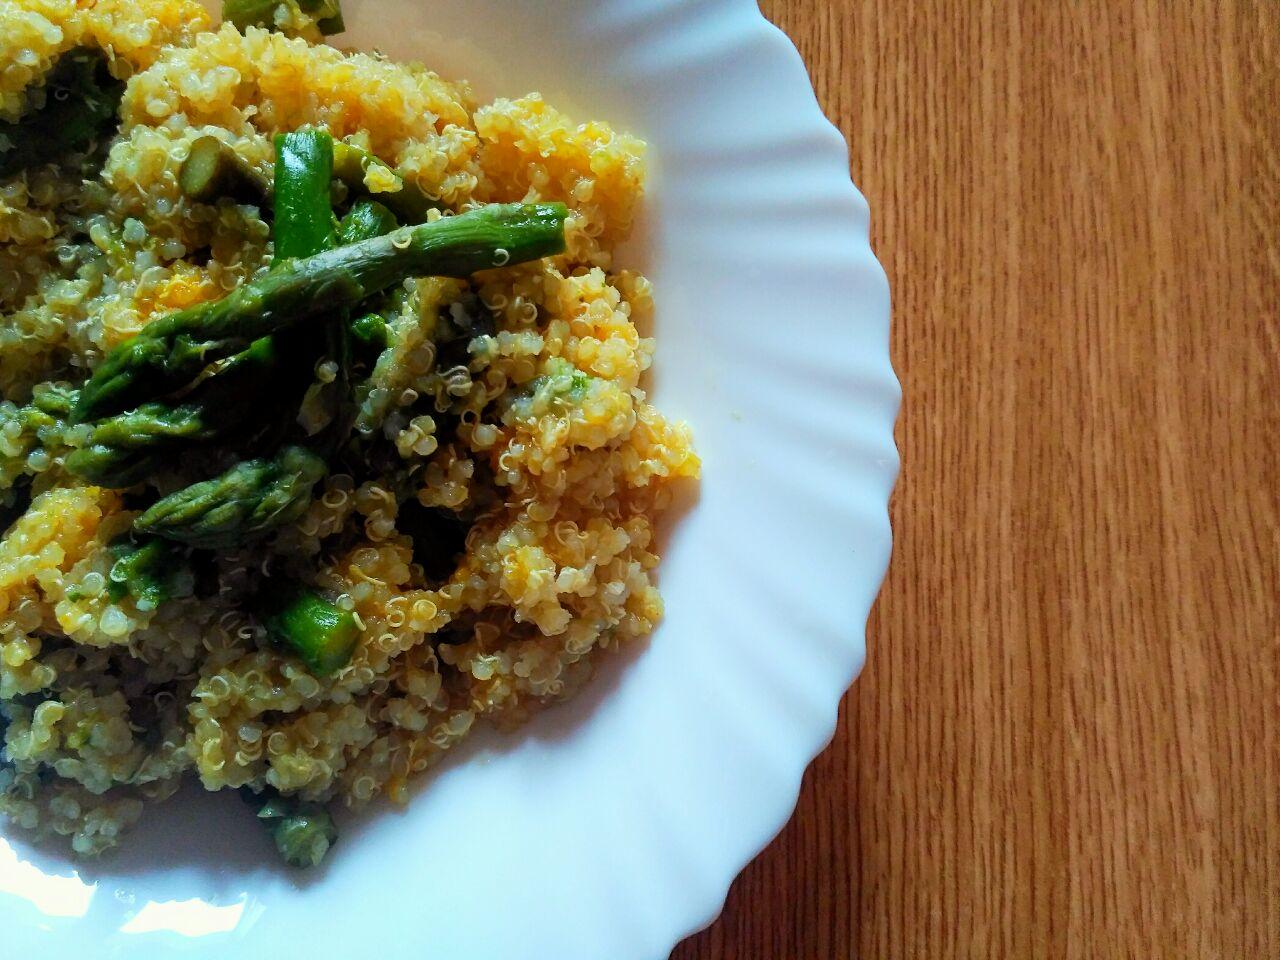 Ricette senza glutine: quinoa integrale con asparagi, curcuma e zenzero!